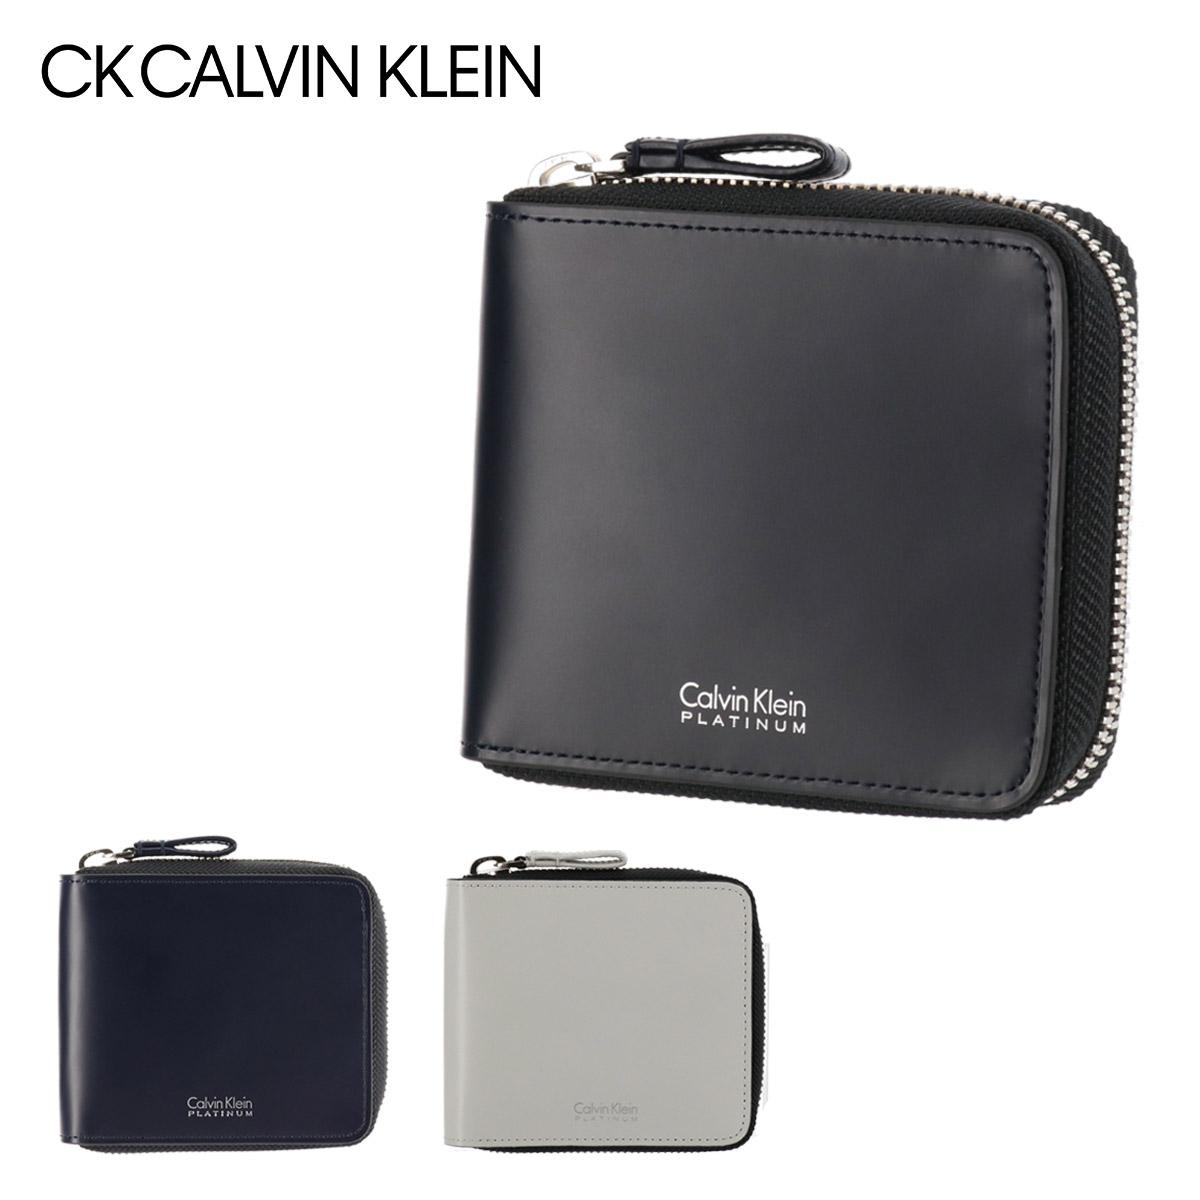 シーケーカルバンクライン 財布 二つ折り メンズ シャウト 813603 CK CALVIN KLEIN 本革 レザー [PO5][即日発送]